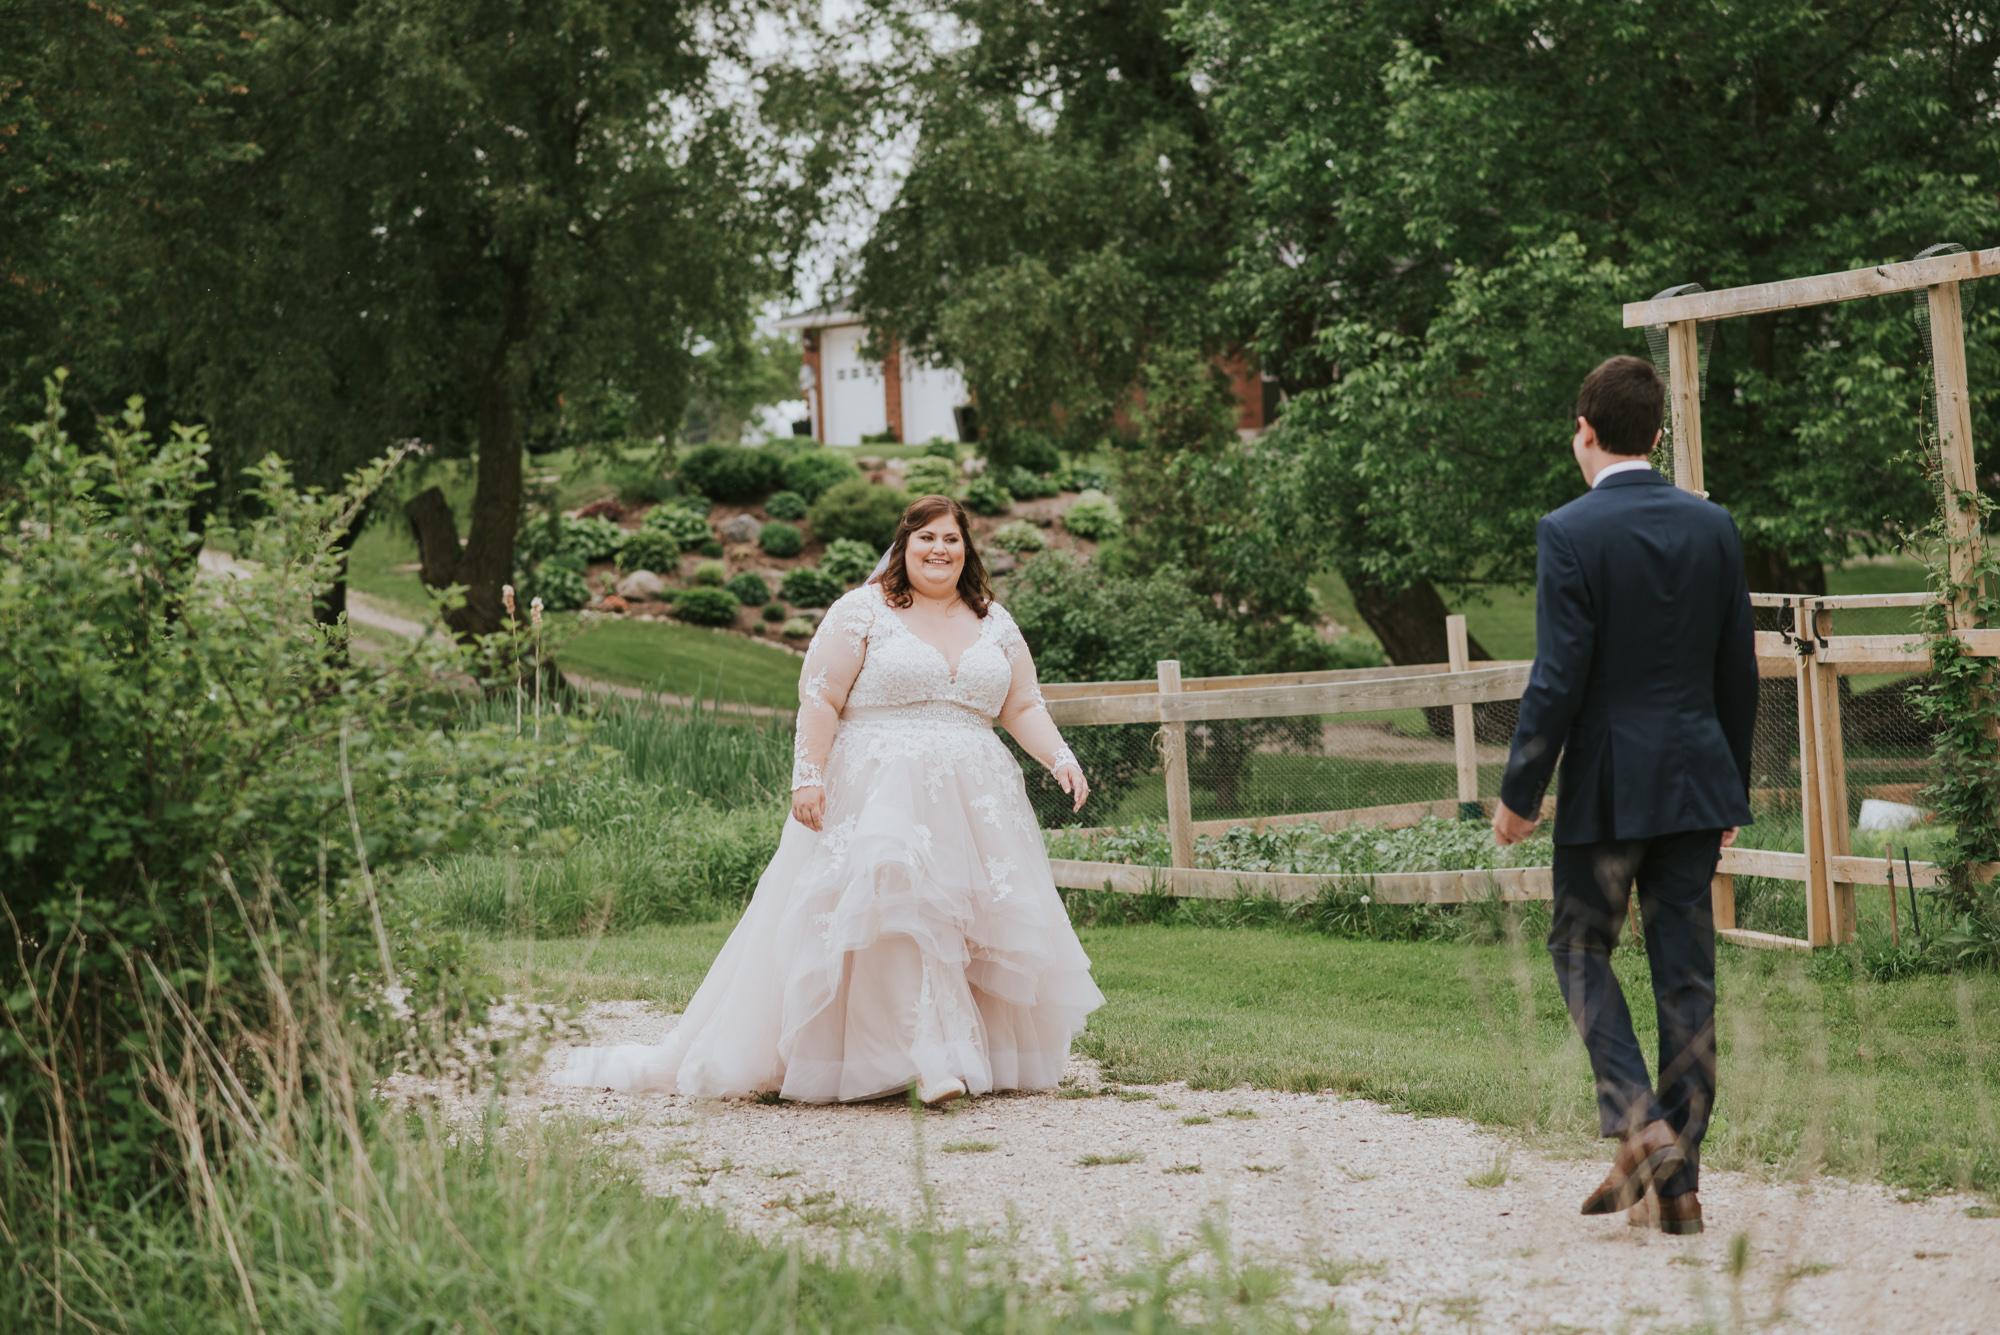 Summer-Farm-Backyard-Wedding-Portraits-16.jpg